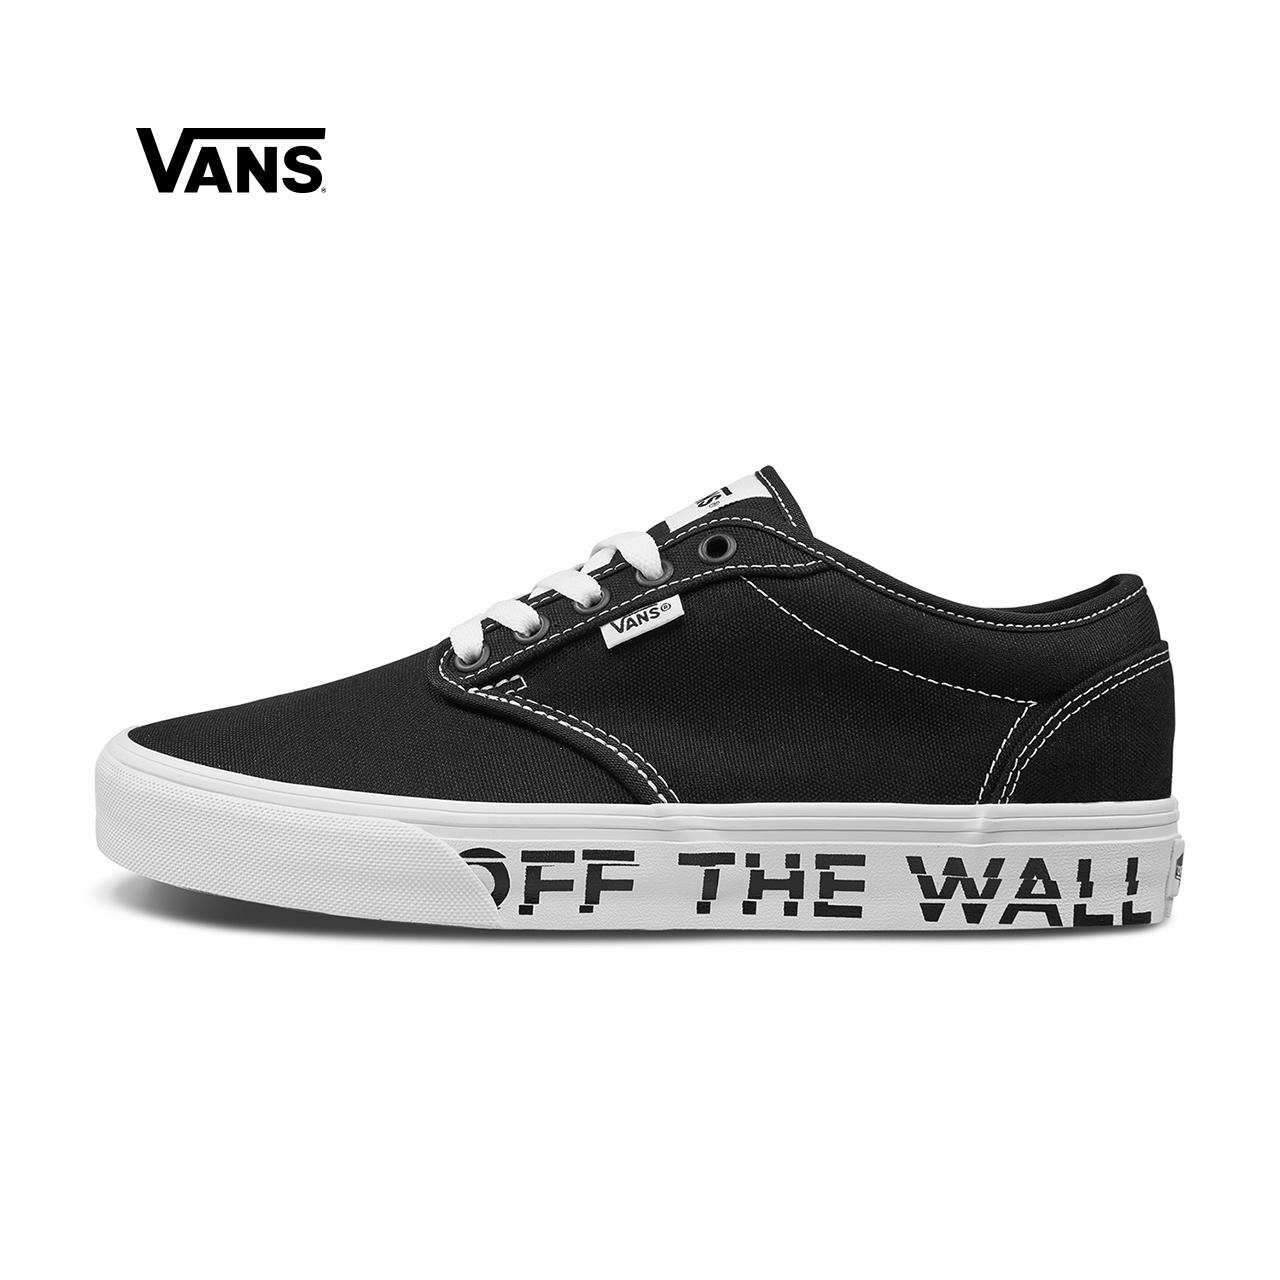 Vans范斯 运动休闲系列 帆布鞋 低帮男子官方正品